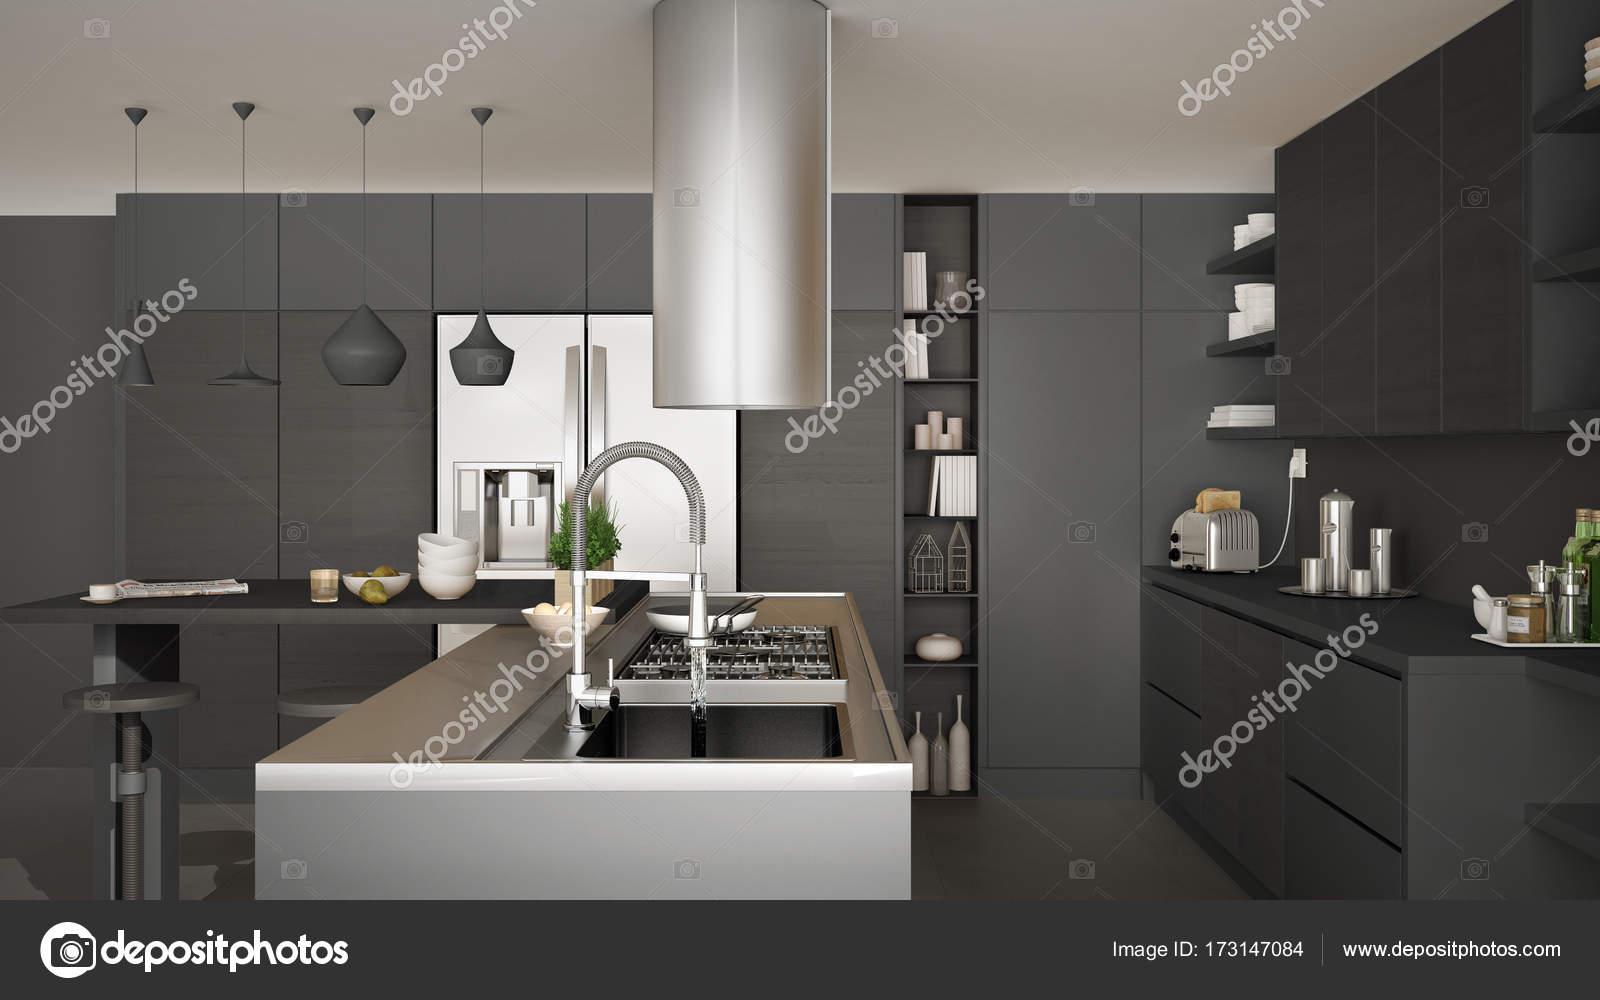 Moderne houten keuken met houten details dicht gaskachel w